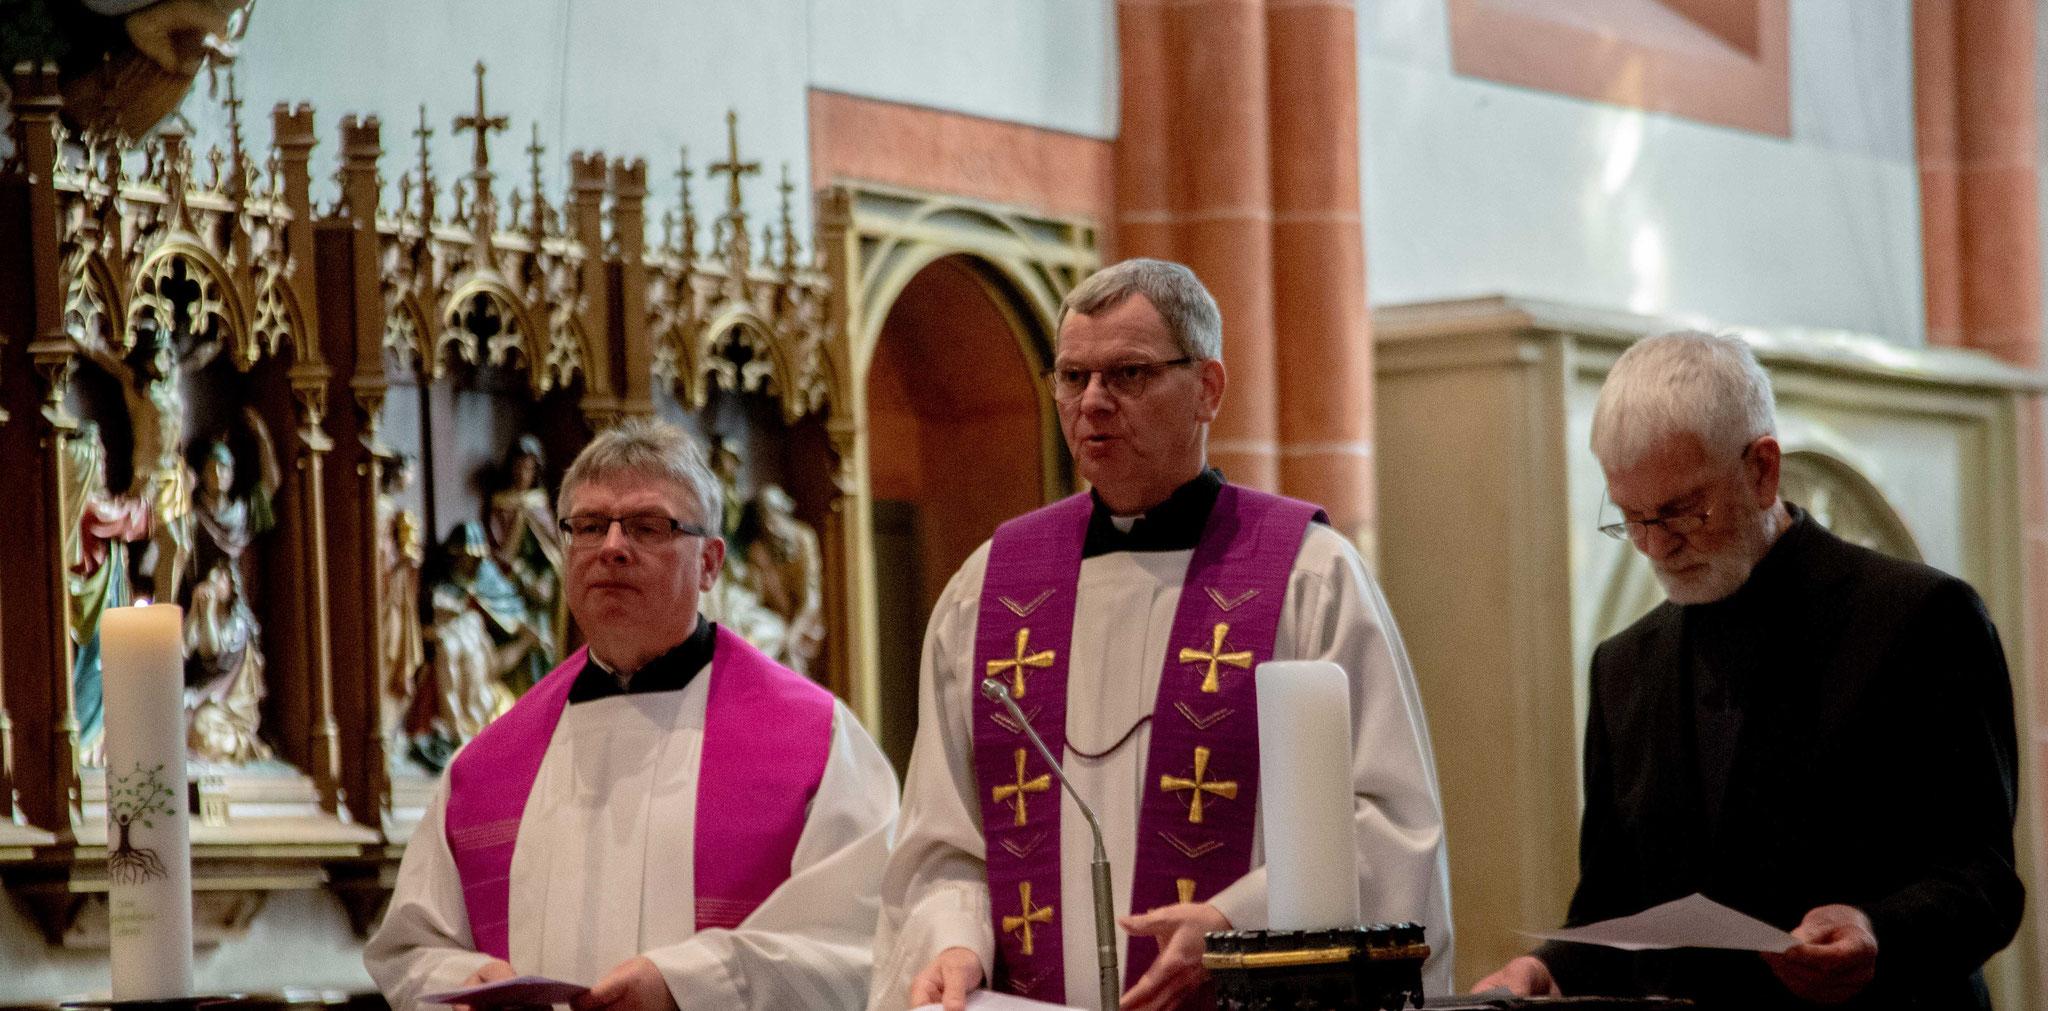 Pfarrer Klaus Leist der Pfarreiengemeinschaft  St.Wendel;   Generalvikar des Bistums Trier, Dr. Ulrich Graf von Plettenberg;  Pfarrer i.R. Gerhard Diercks